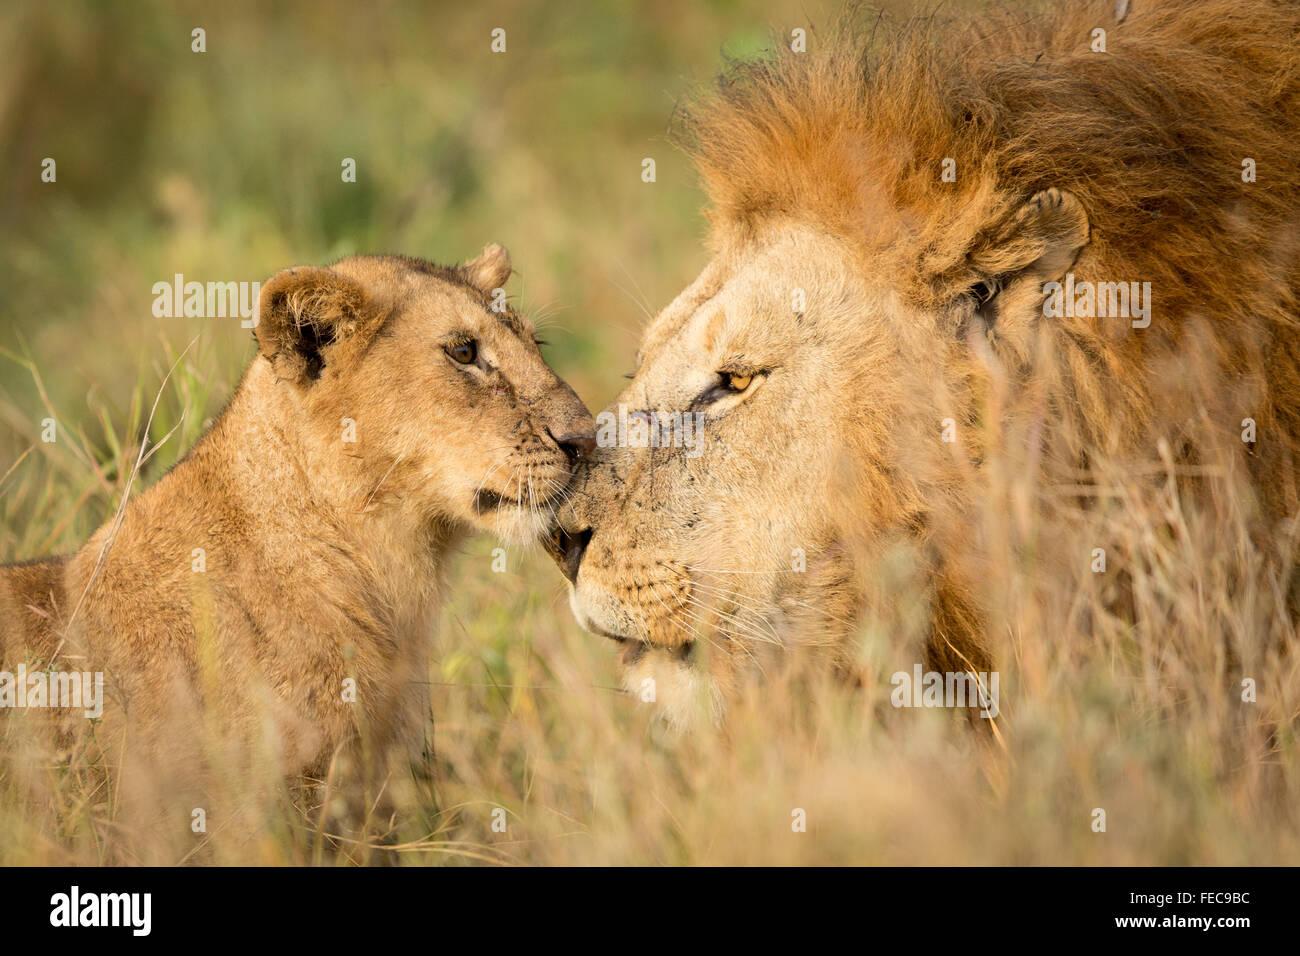 Erwachsenen männlichen afrikanischen Löwen und jungen Cub in der Serengeti-Nationalpark Tansania Stockbild